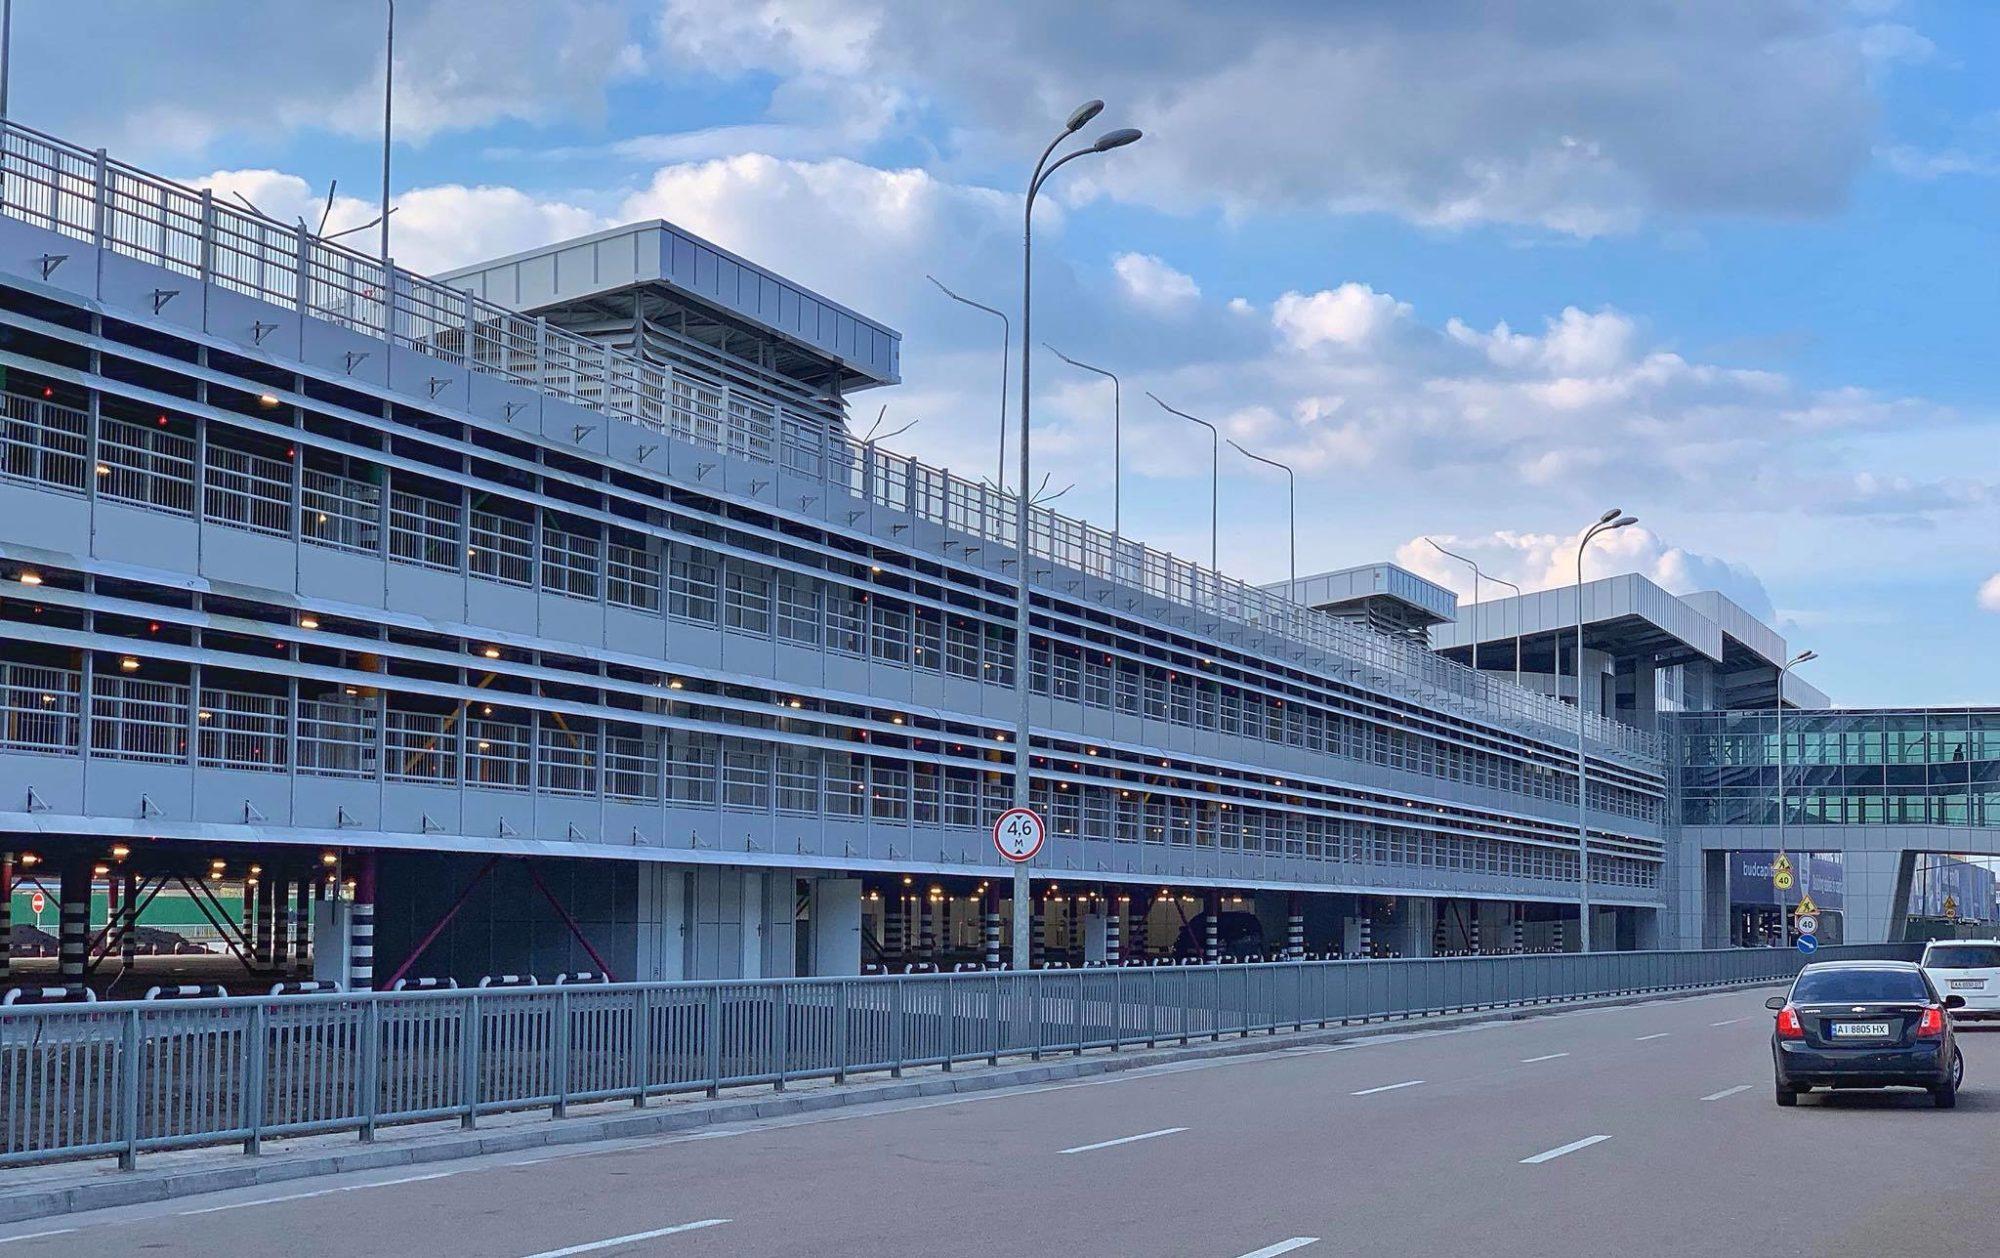 """Скільки коштуватиме парковка у багаторівневому паркінгу в """"Борисполі"""" -  - 7f62a99e3afb203806a25c6a458c5cc6 2000x1258"""